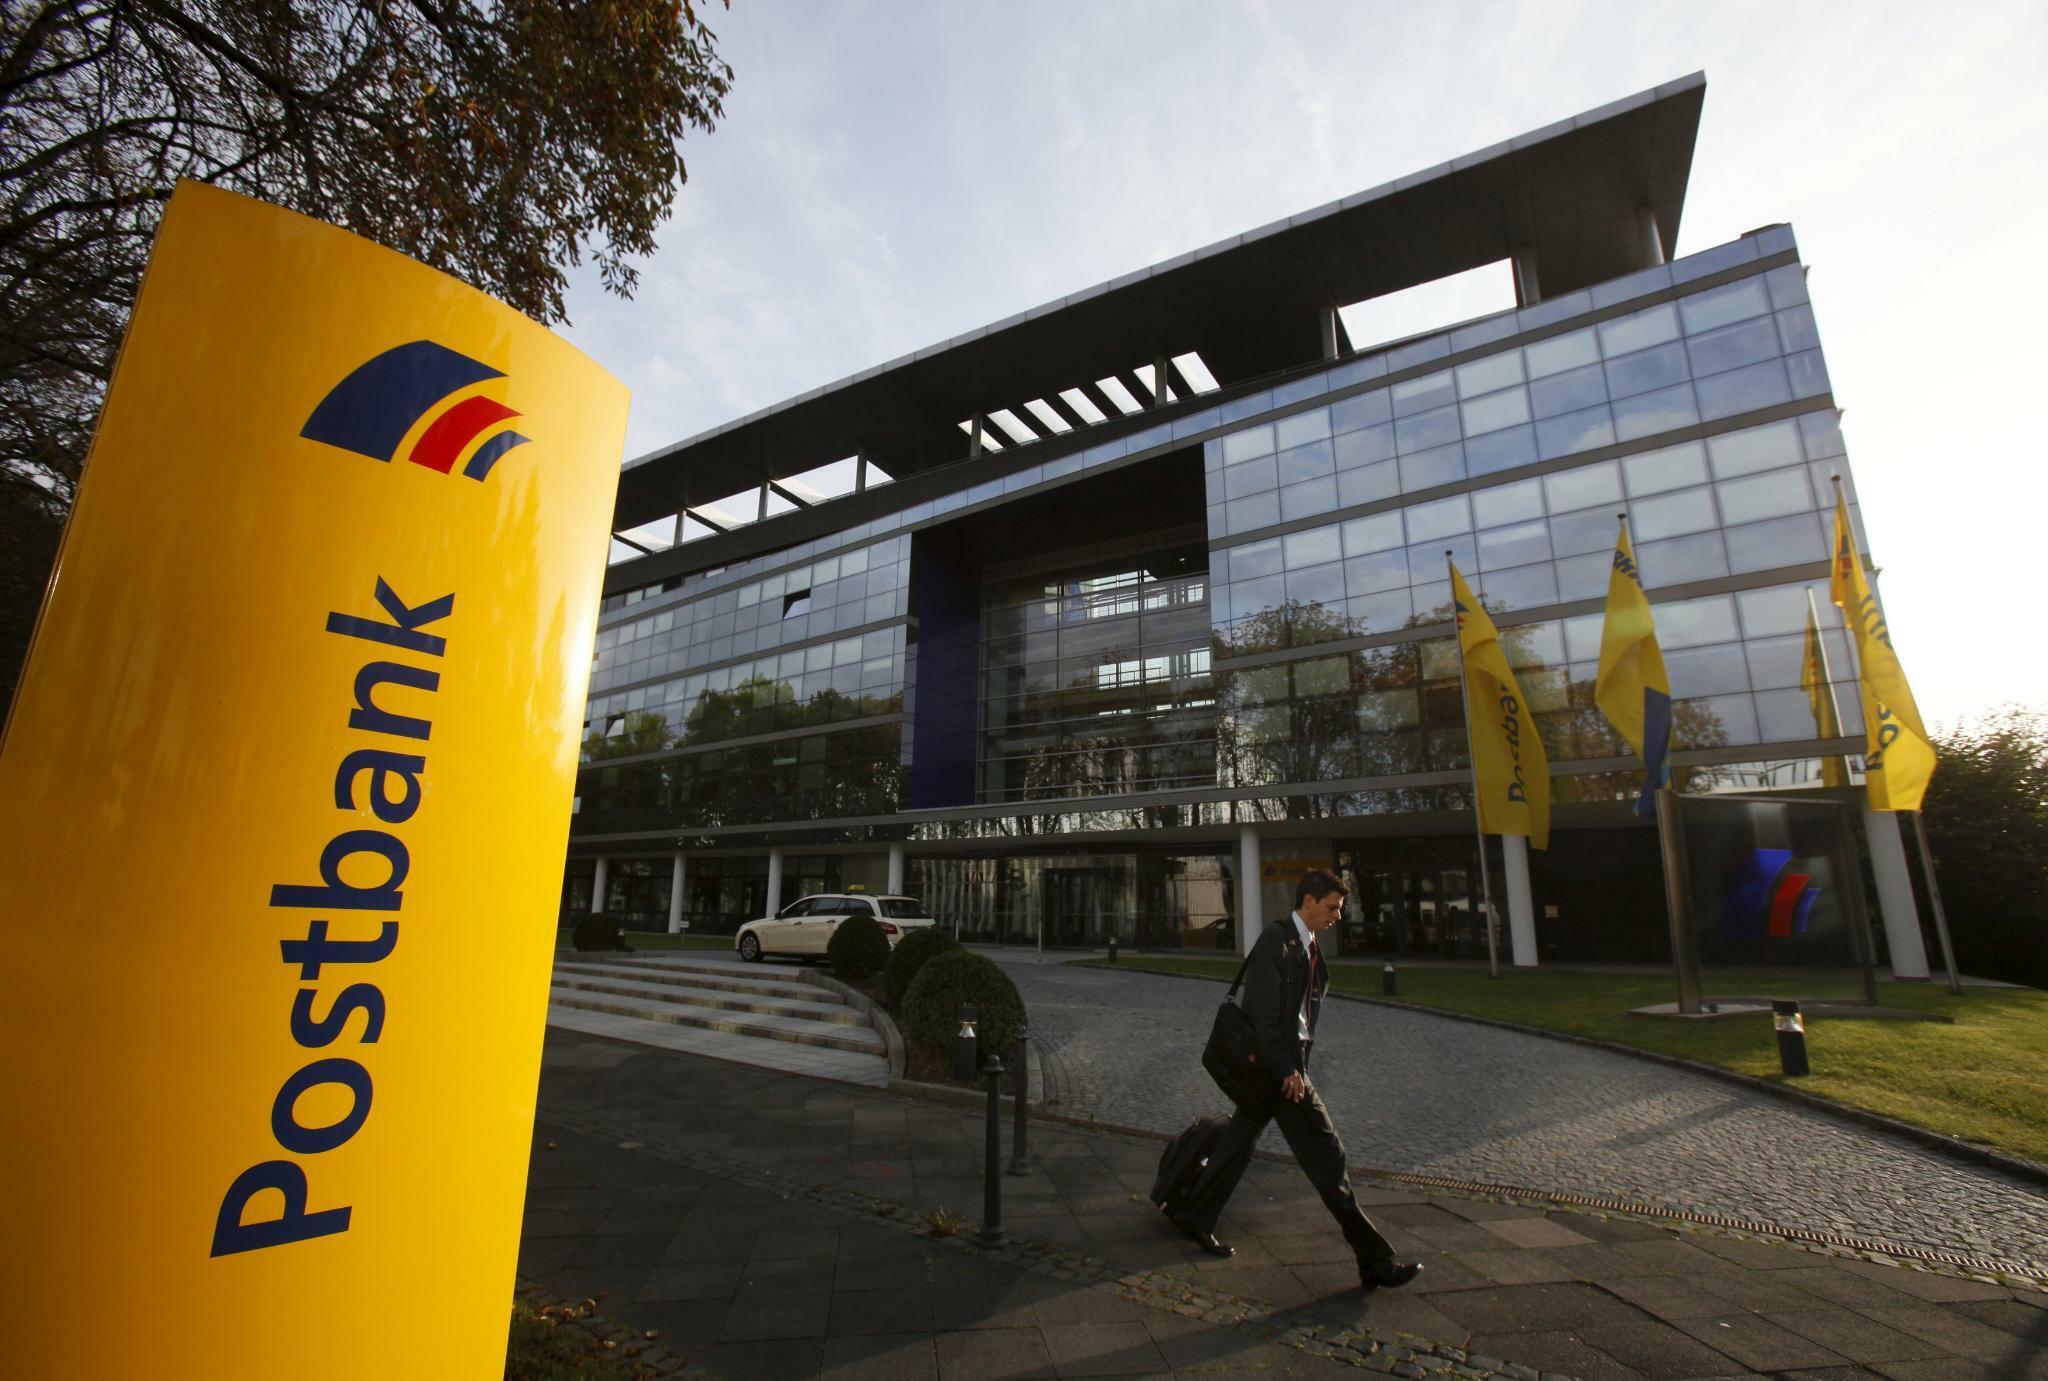 Postbank: Deutsche Bank prüft offenbar neuen Standort für Zentrale